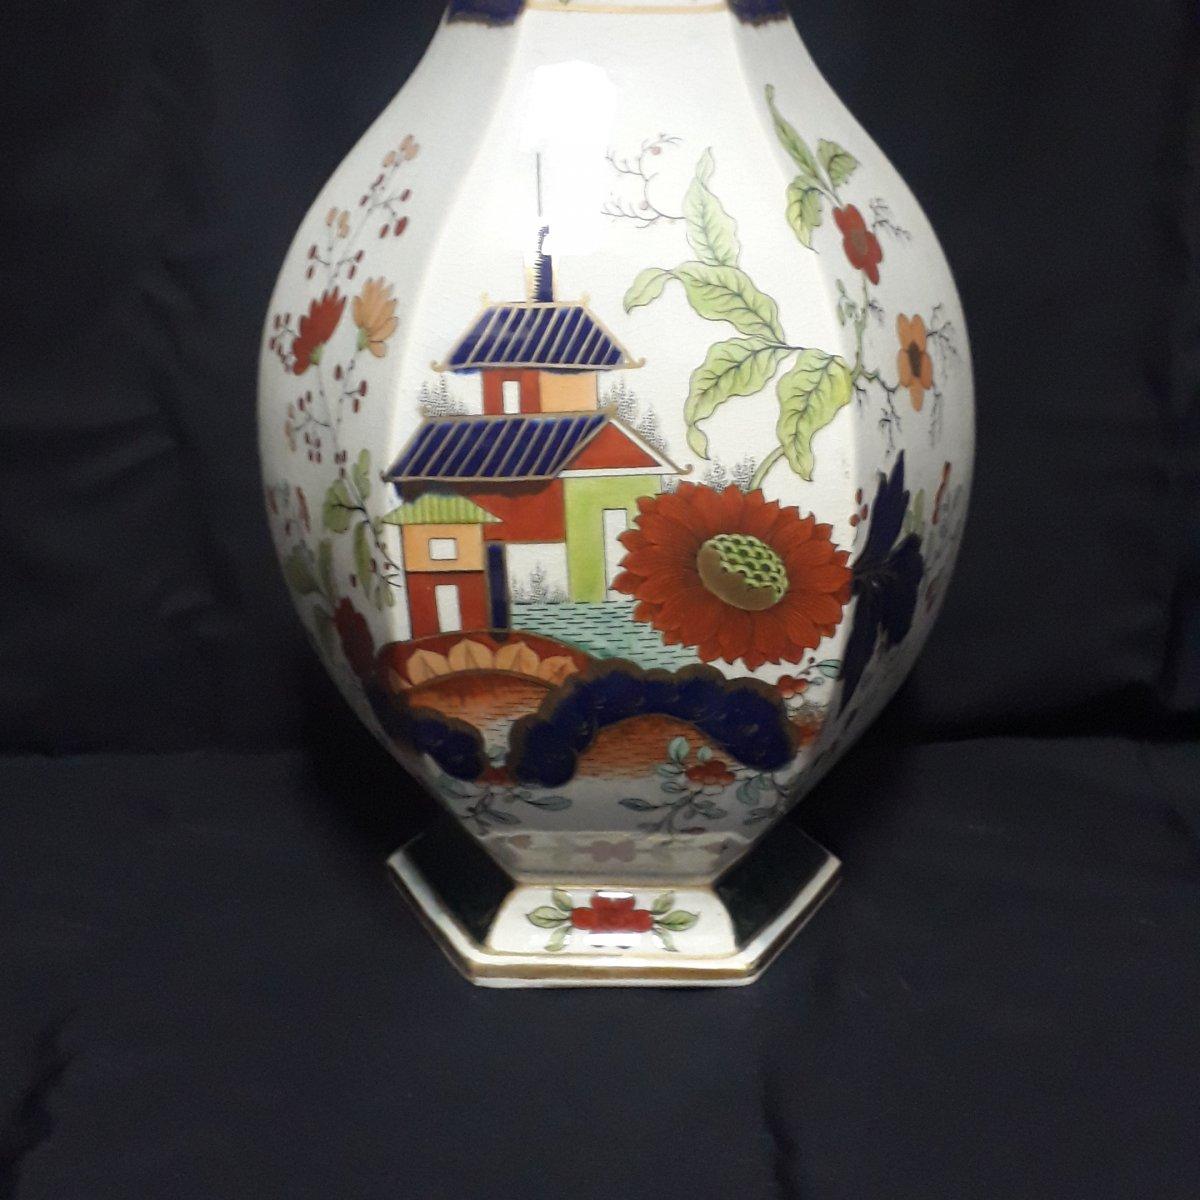 Japanese Decors Vase By Creil Et Montereau-photo-2